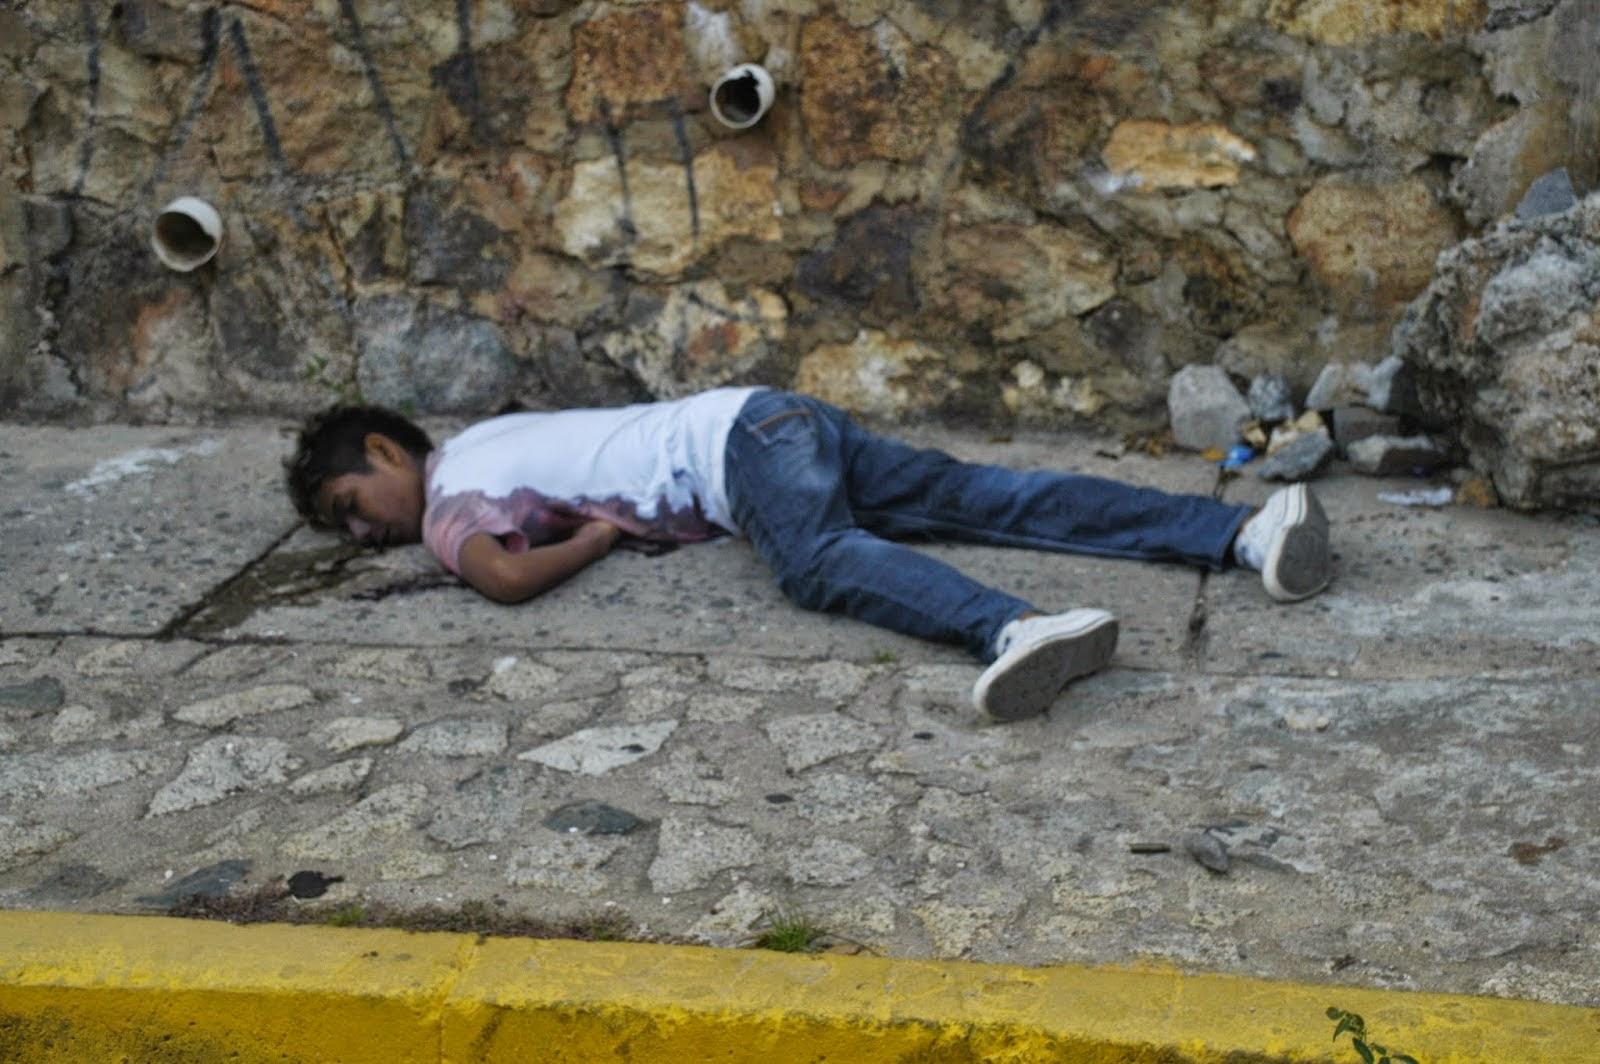 Matan a un joven en la colonia jard n en acapulco for Jardin 7 17 acapulco